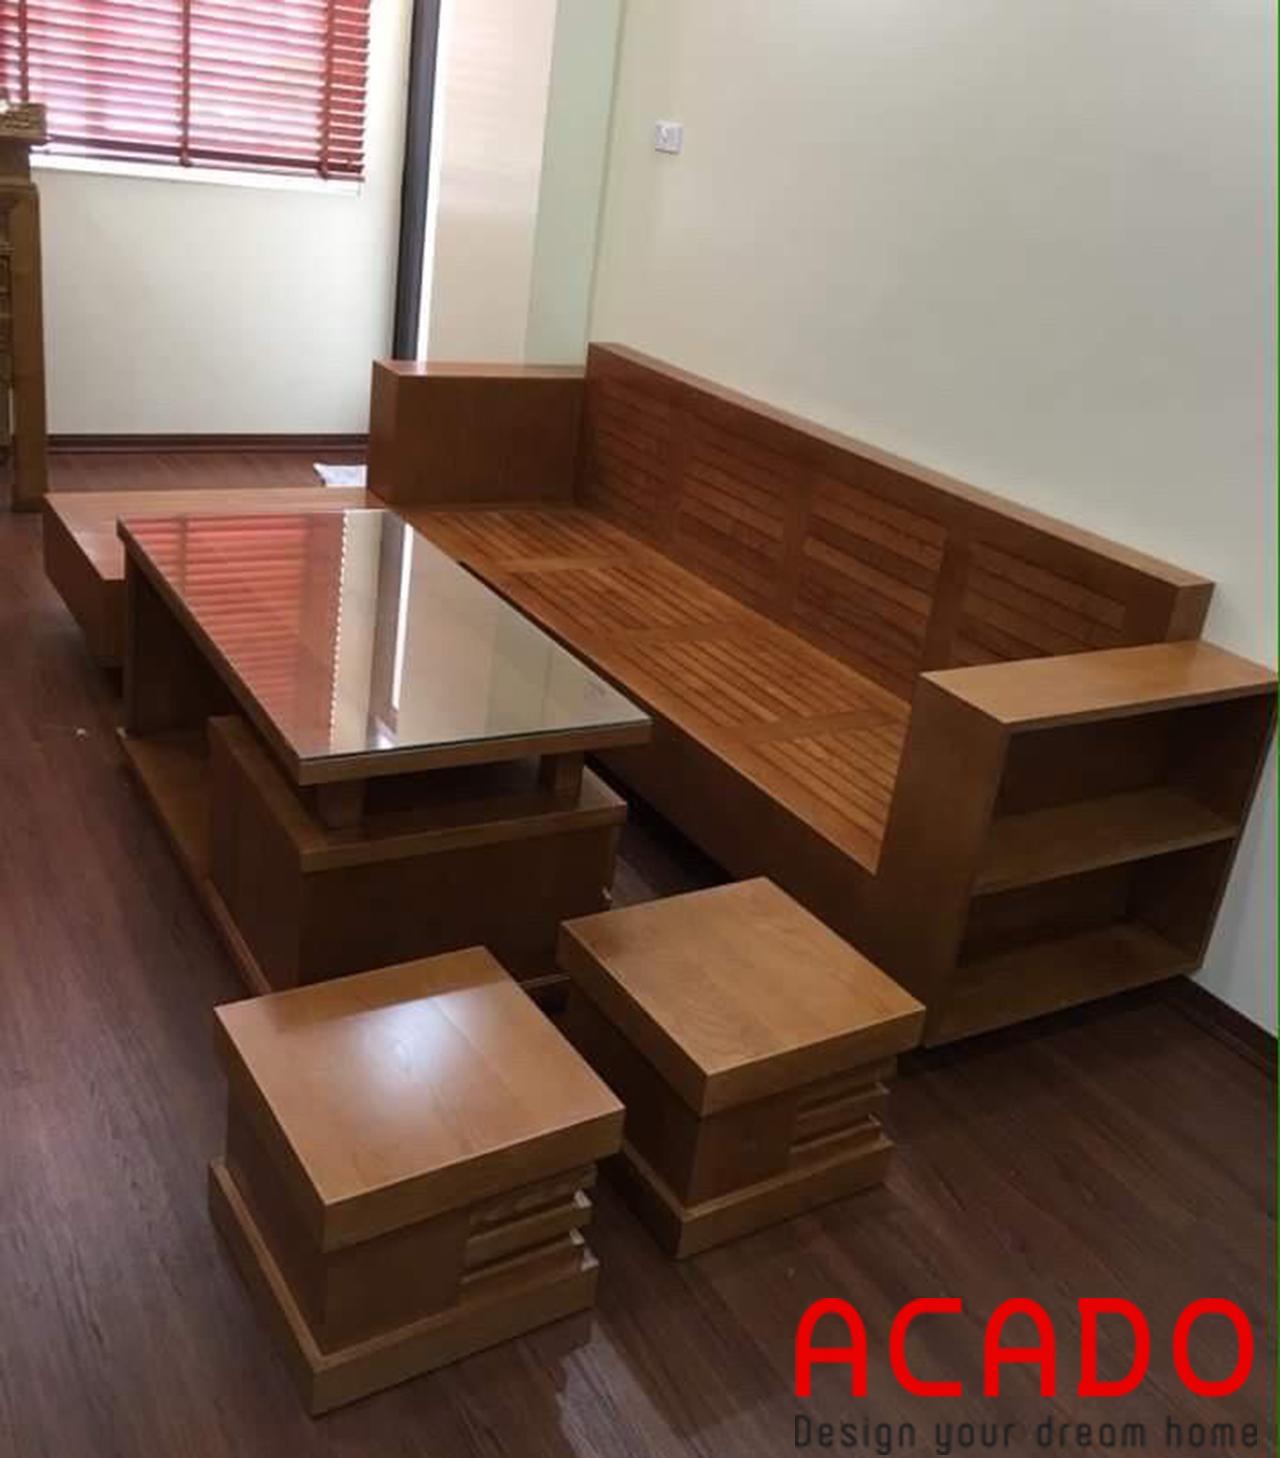 Sofa gỗ sồi Nga - công trình Aacdo thi công tại Liên Hà - Hà Đông